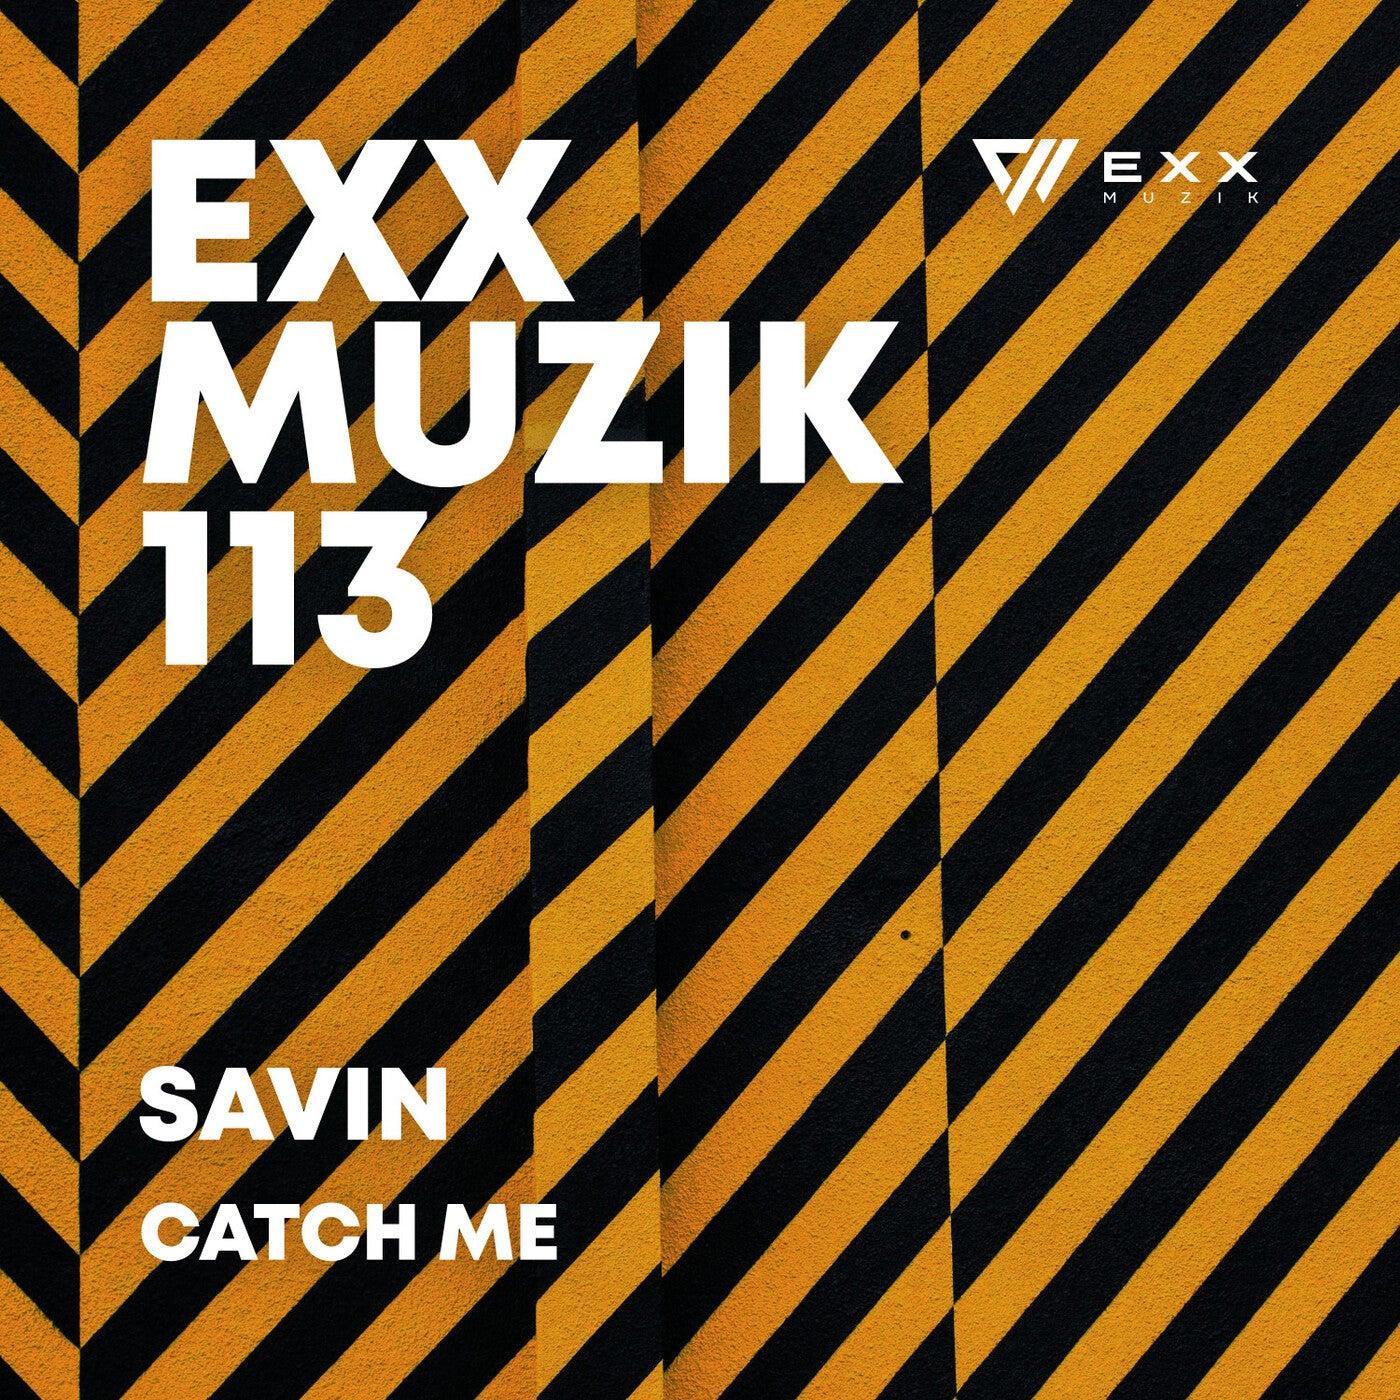 Catch Me (Original Mix)